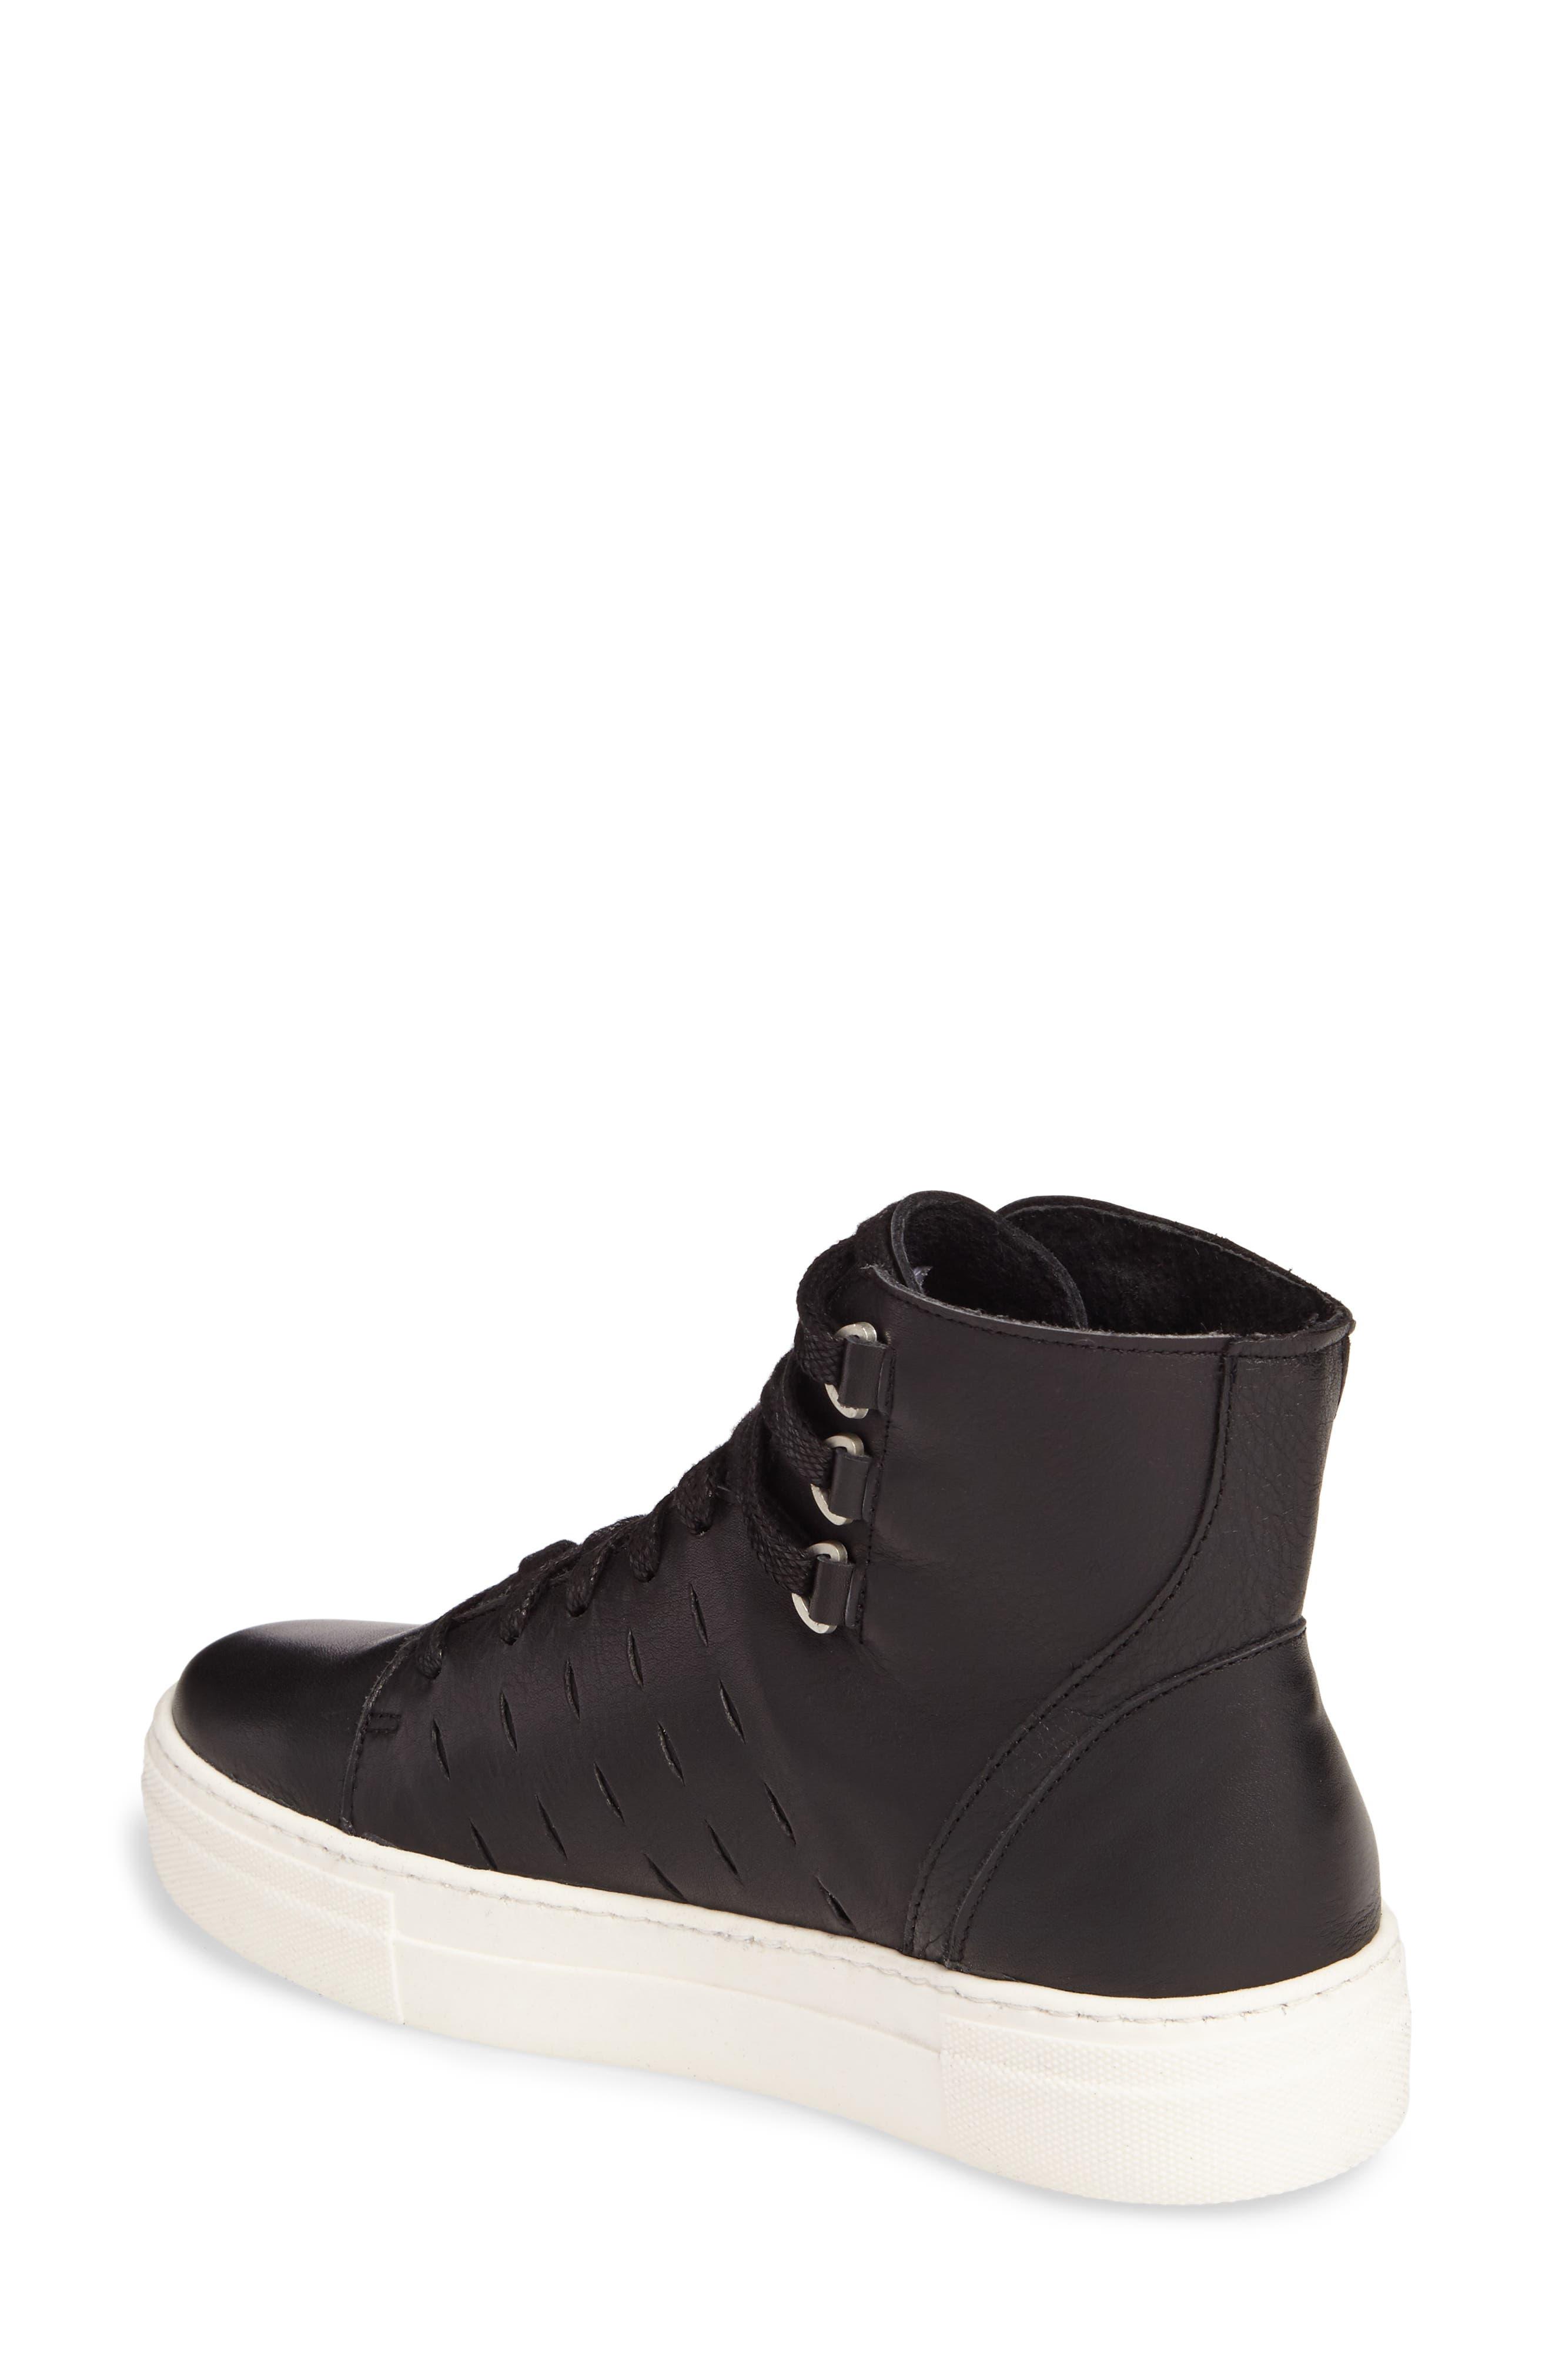 Modern High Top Sneaker,                             Alternate thumbnail 2, color,                             BLACK/ OFF WHITE